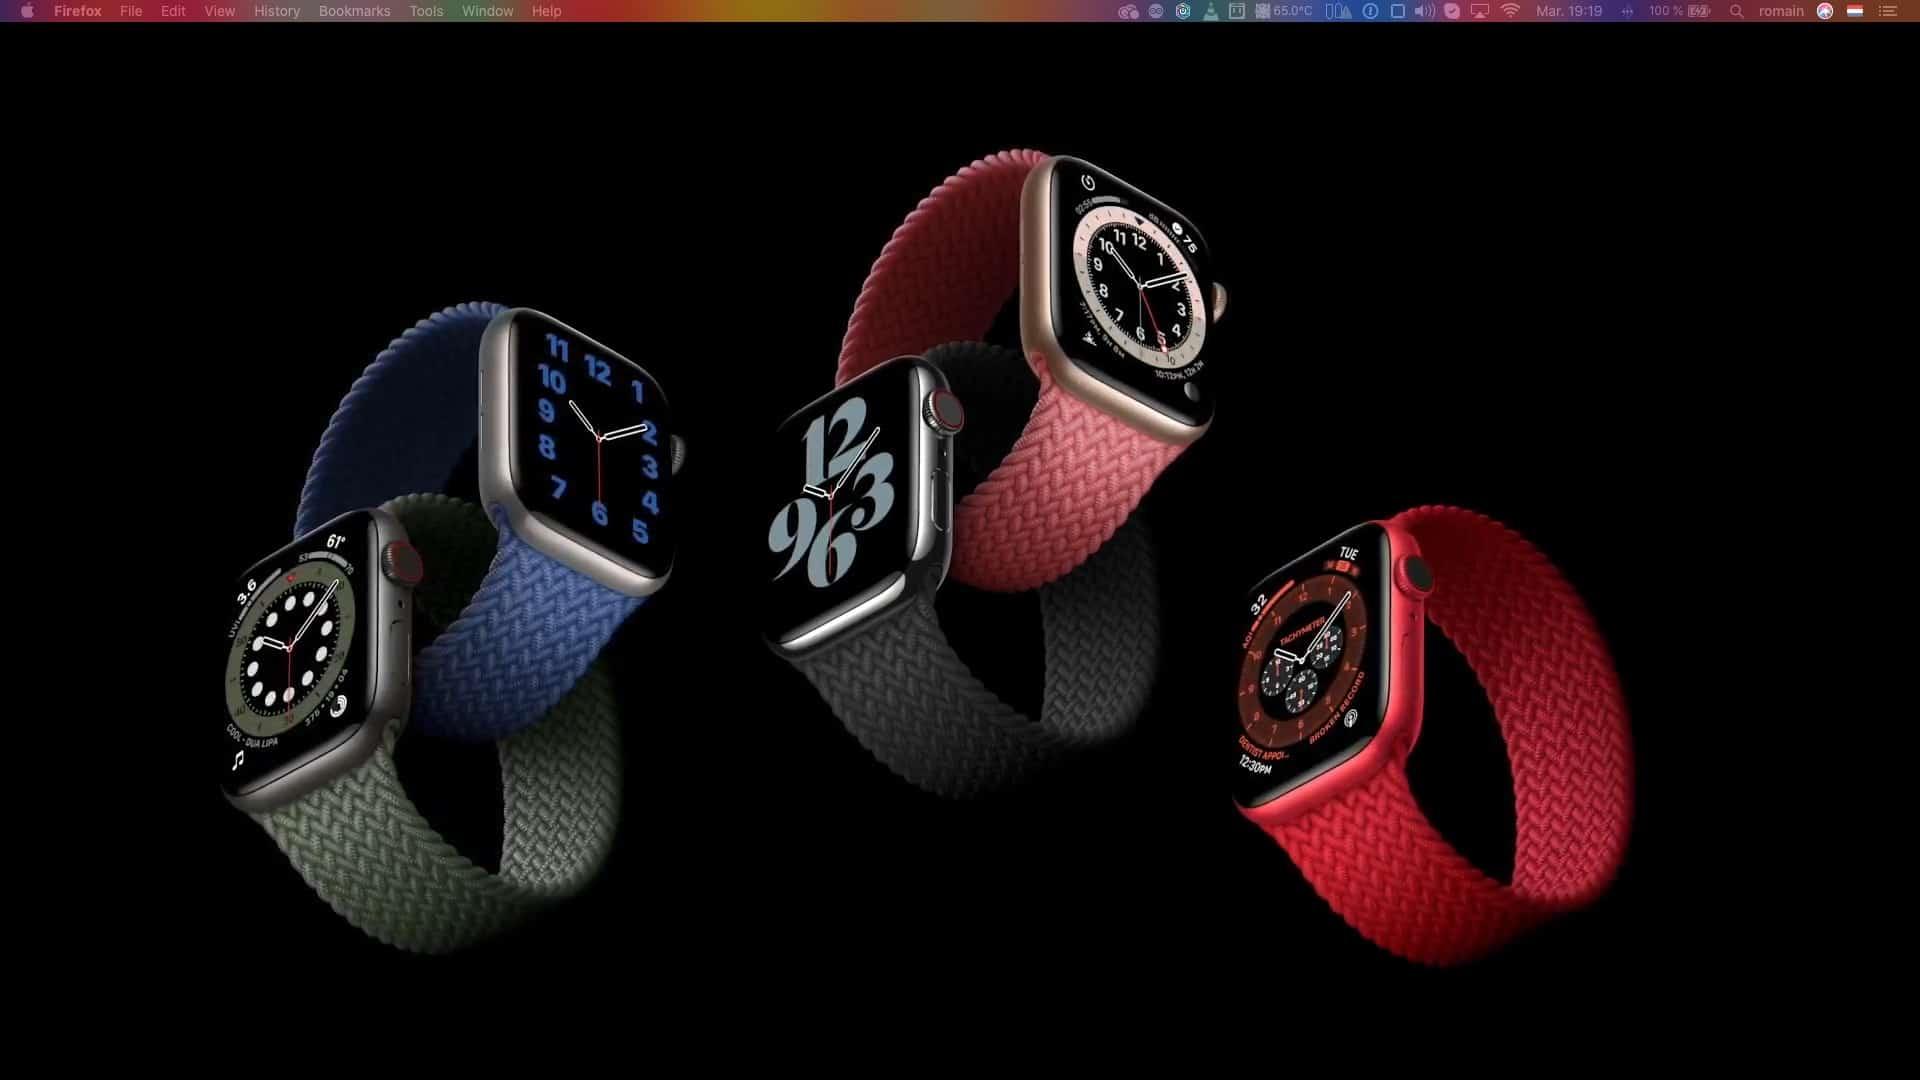 Apple Watch Series 6 modeles avec bracelets